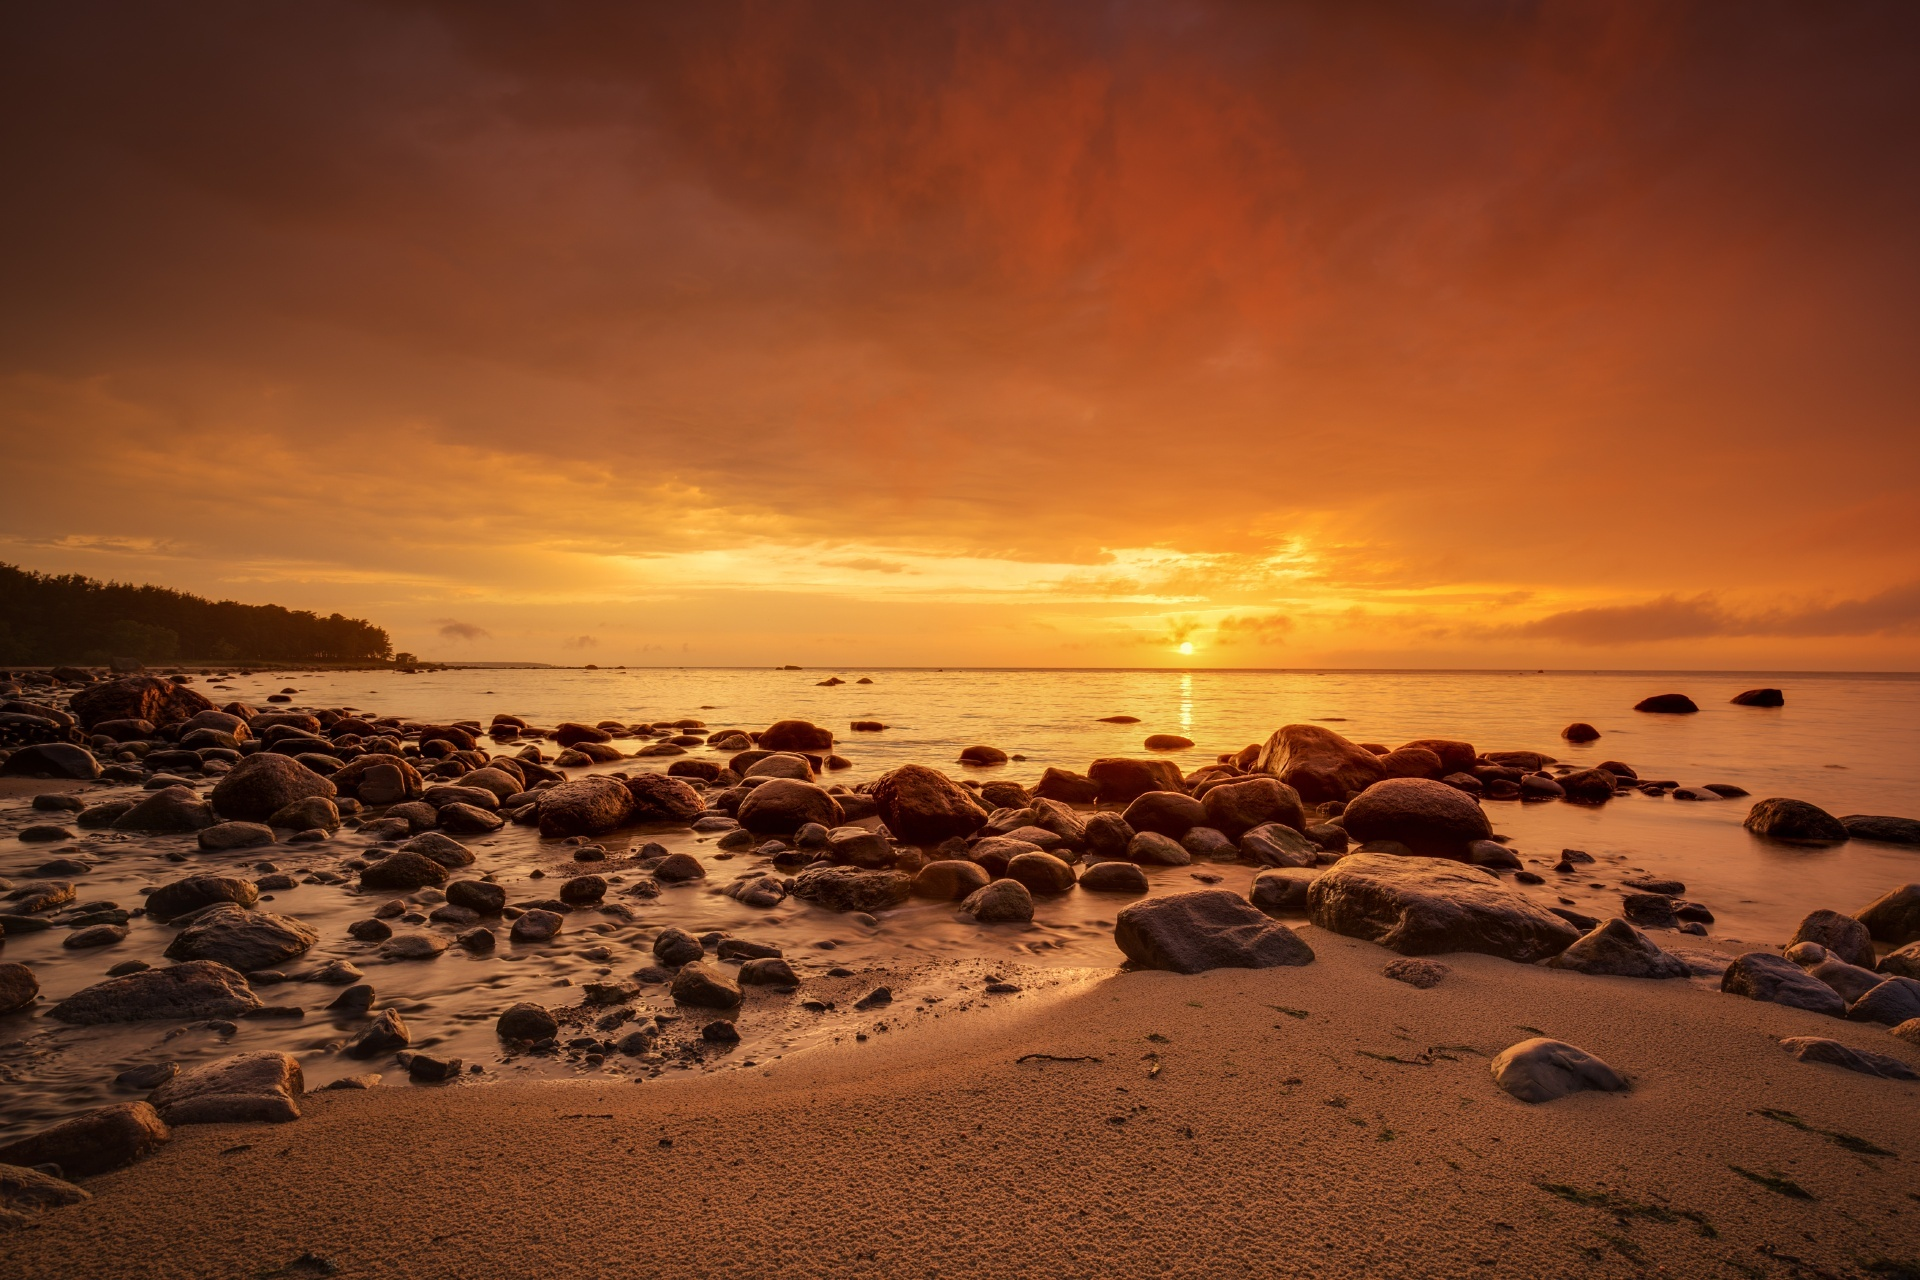 バルト海と幻想的な夕暮れの風景 エストニアの風景